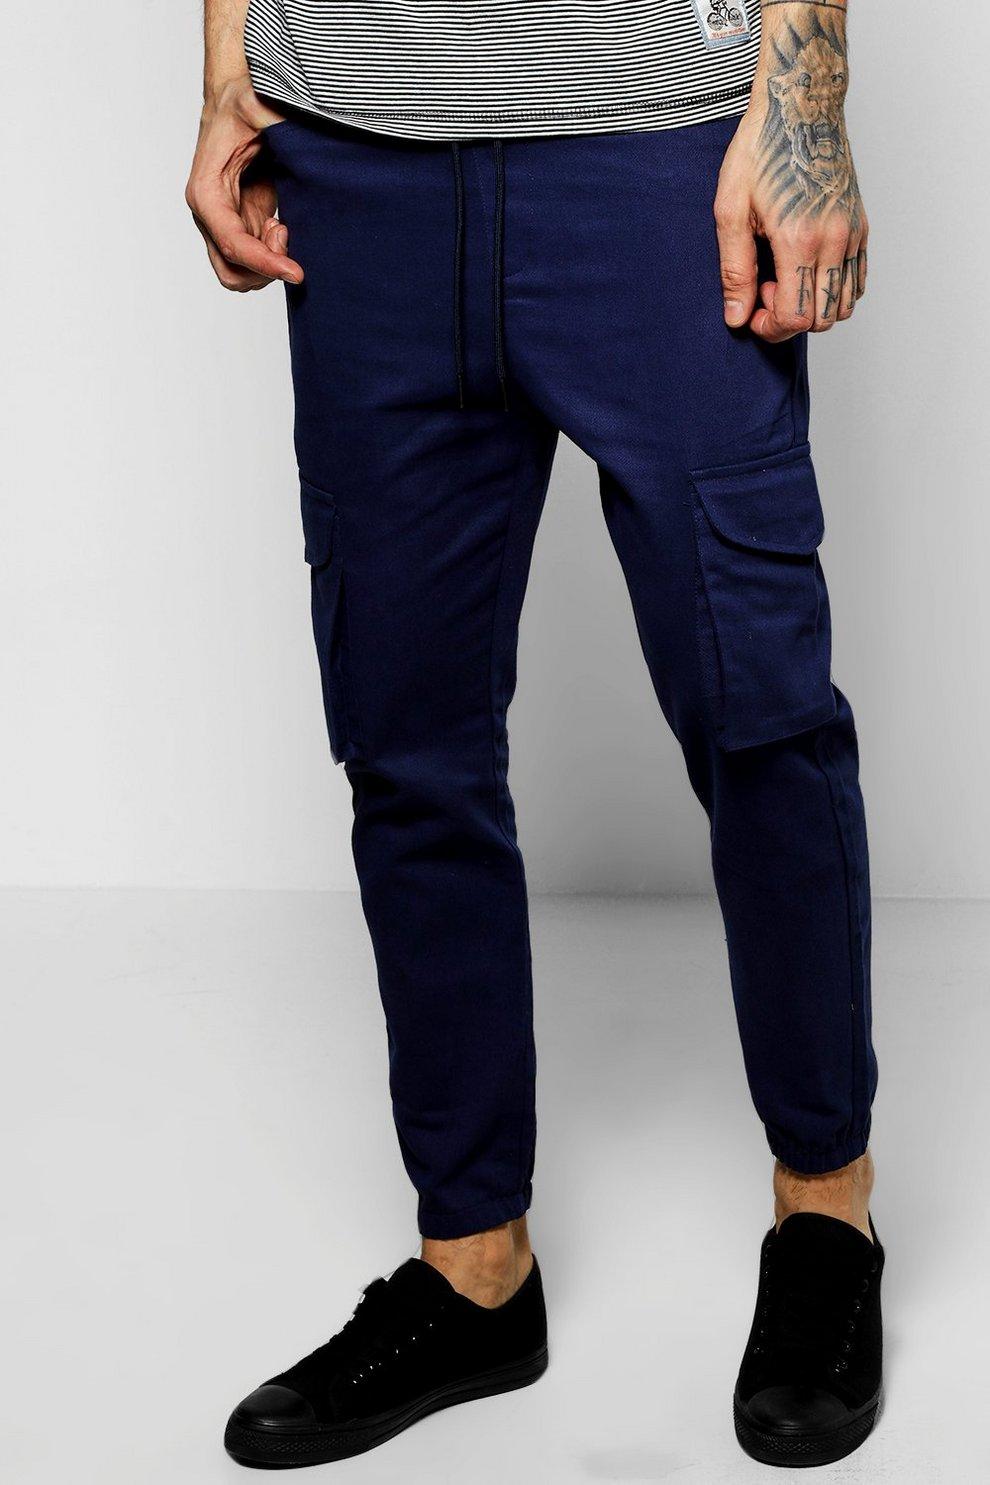 Mimetici Blu Pantaloni Sportivi Cargo Boohoo LAq34R5j